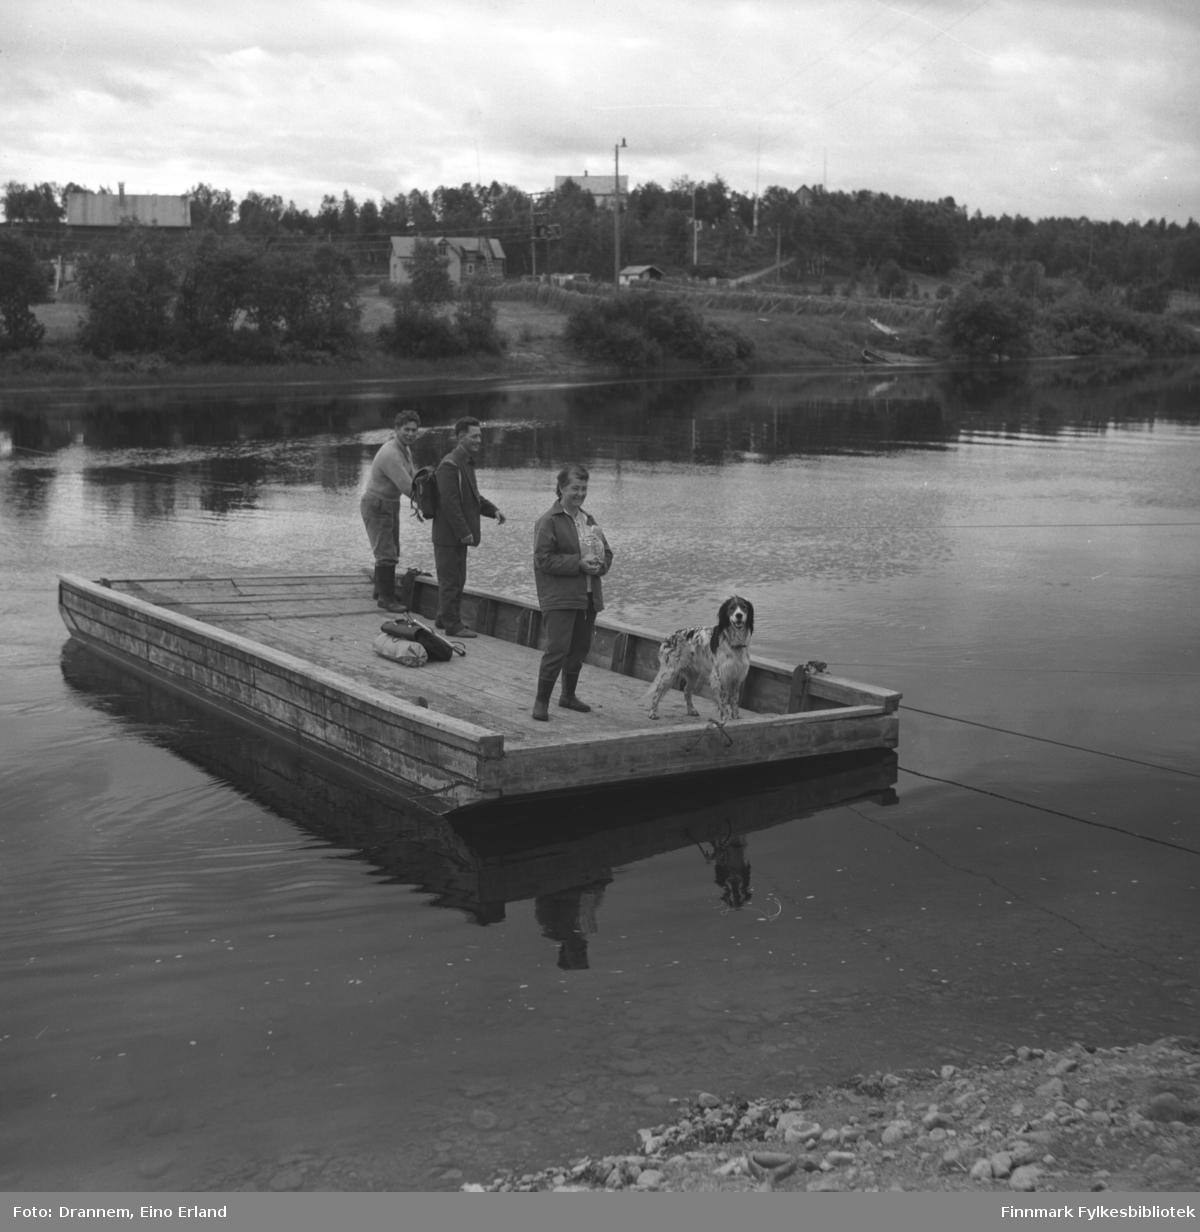 Tre personer og en hund ombord i ferga/prammen over Neidenelva. De er fra venstre: Odd Gabrielsen, Olav Gabrielsen, Turid Lappalainen og hunden Rexi.